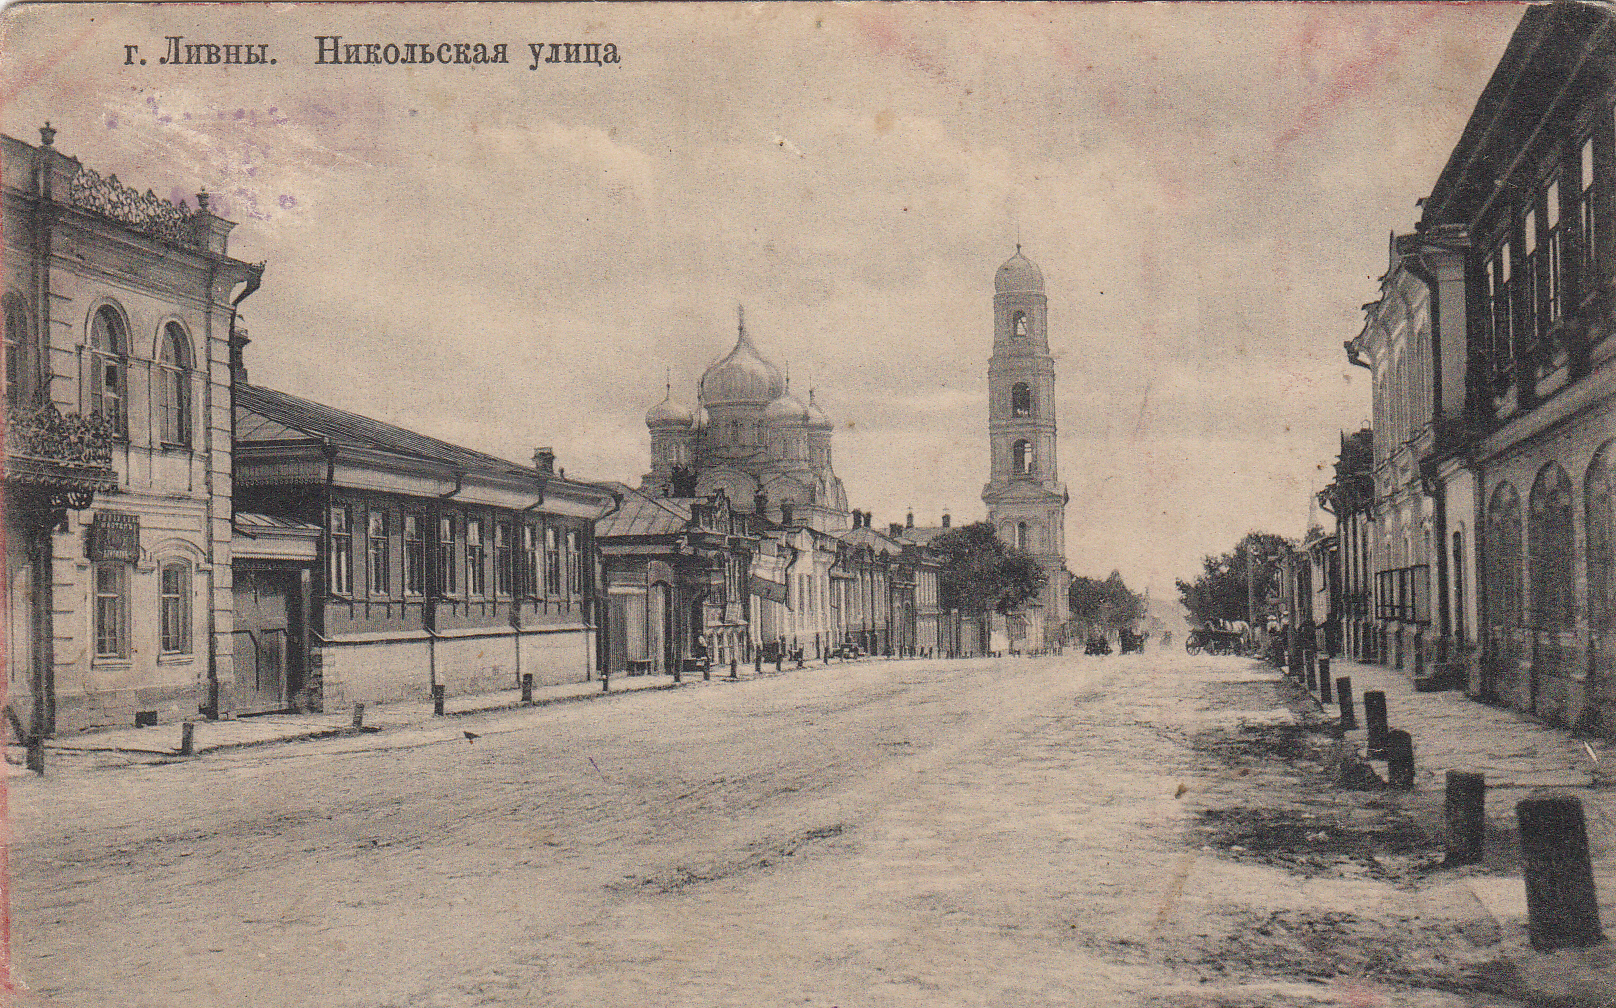 Никольская улица1